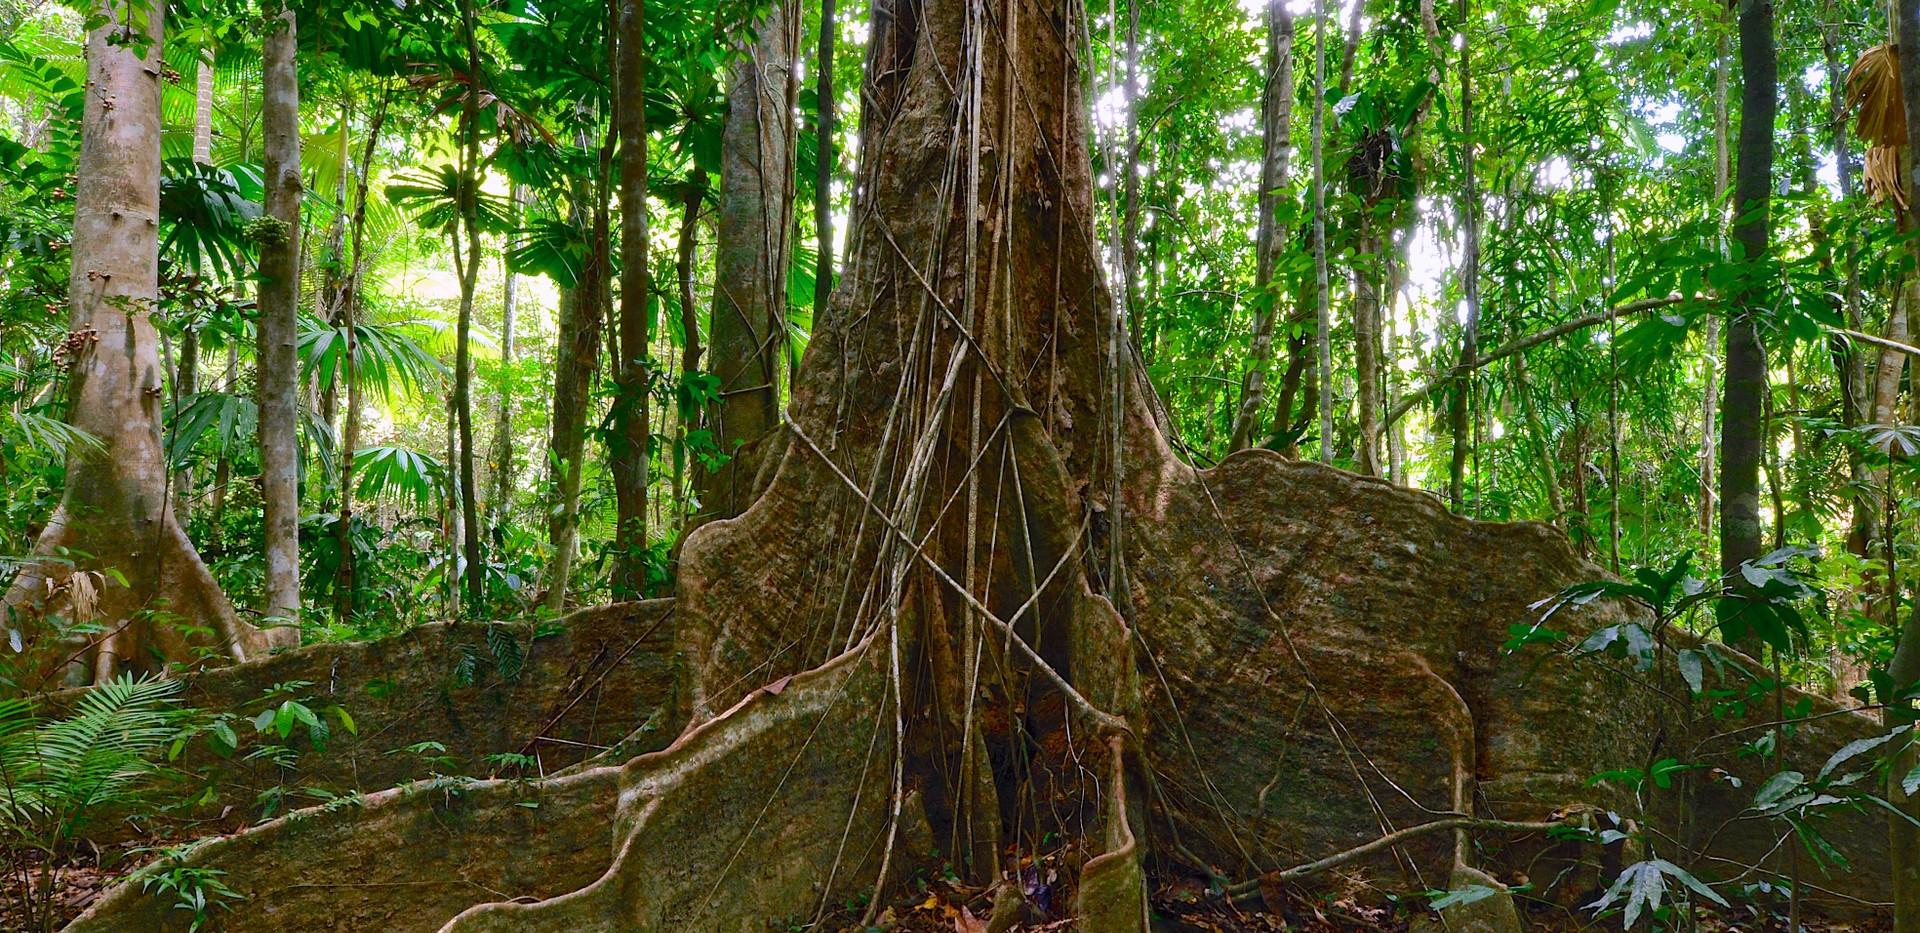 Rainforest giant